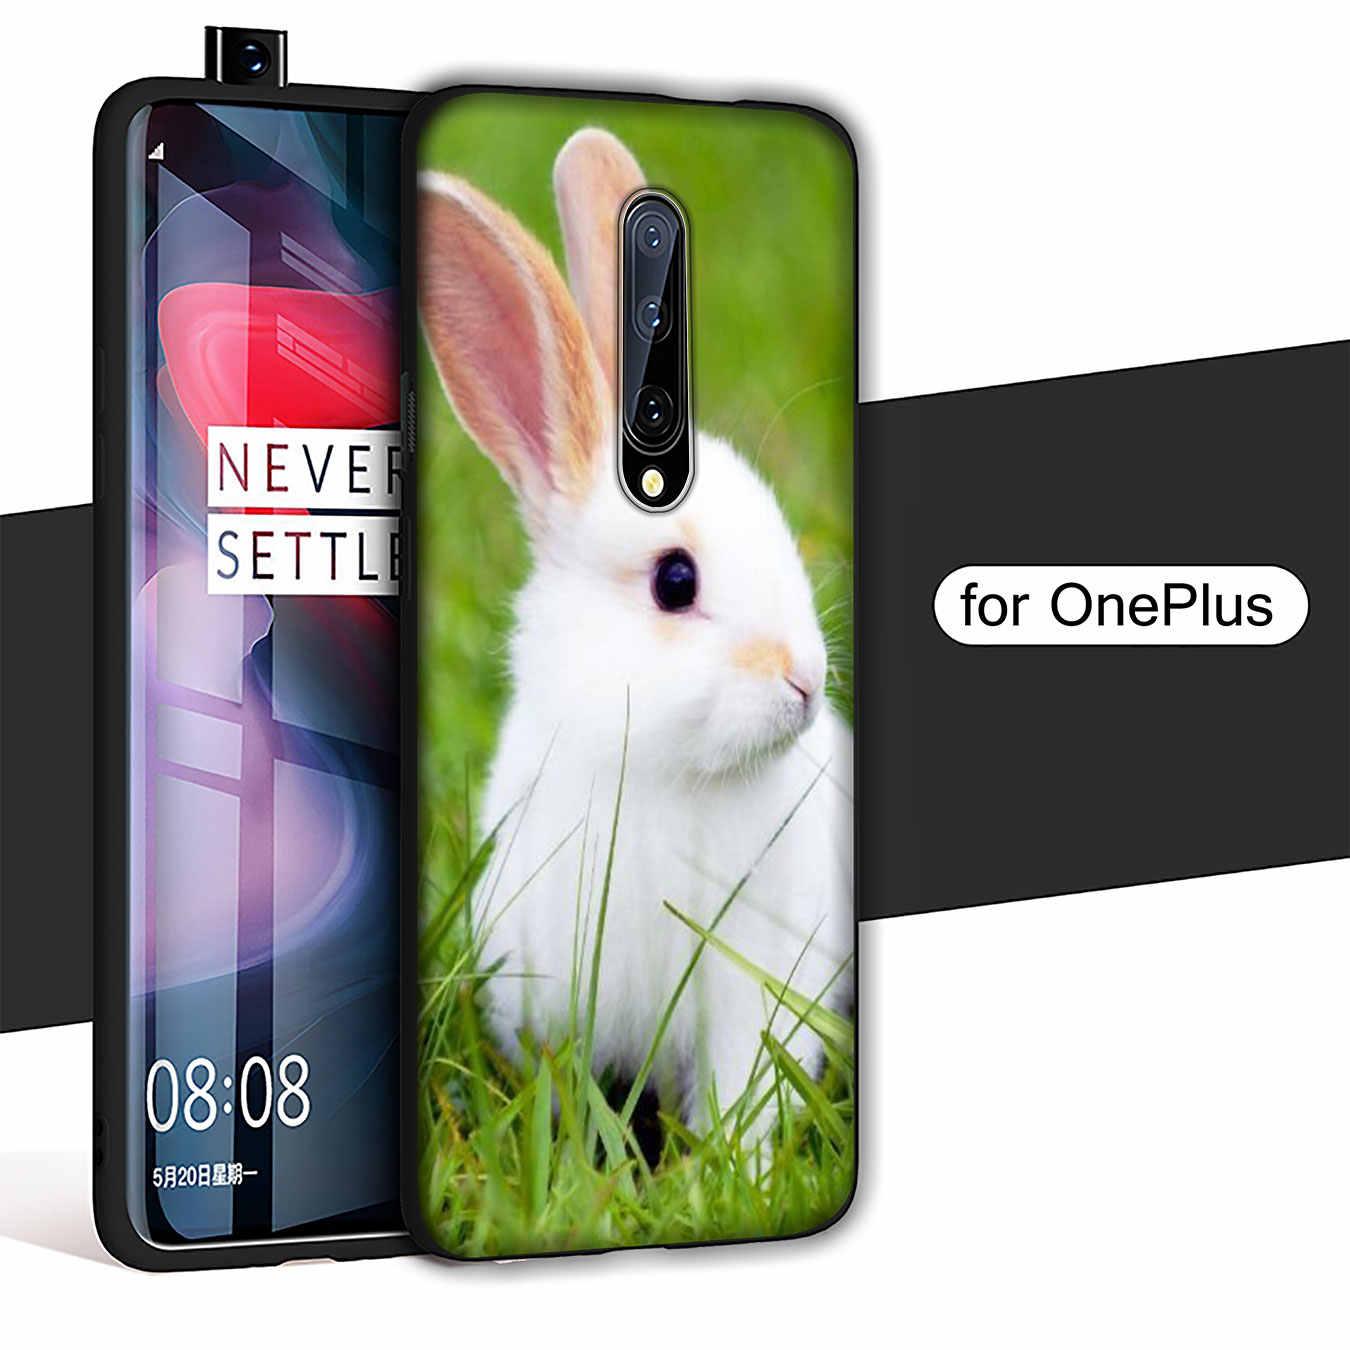 Sevimli beyaz bebek tavşan yumuşak TPU siyah silikon telefon kılıfı OnePlus 7T 7 Pro 6 6T 5 5T bir artı 7Pro kapak